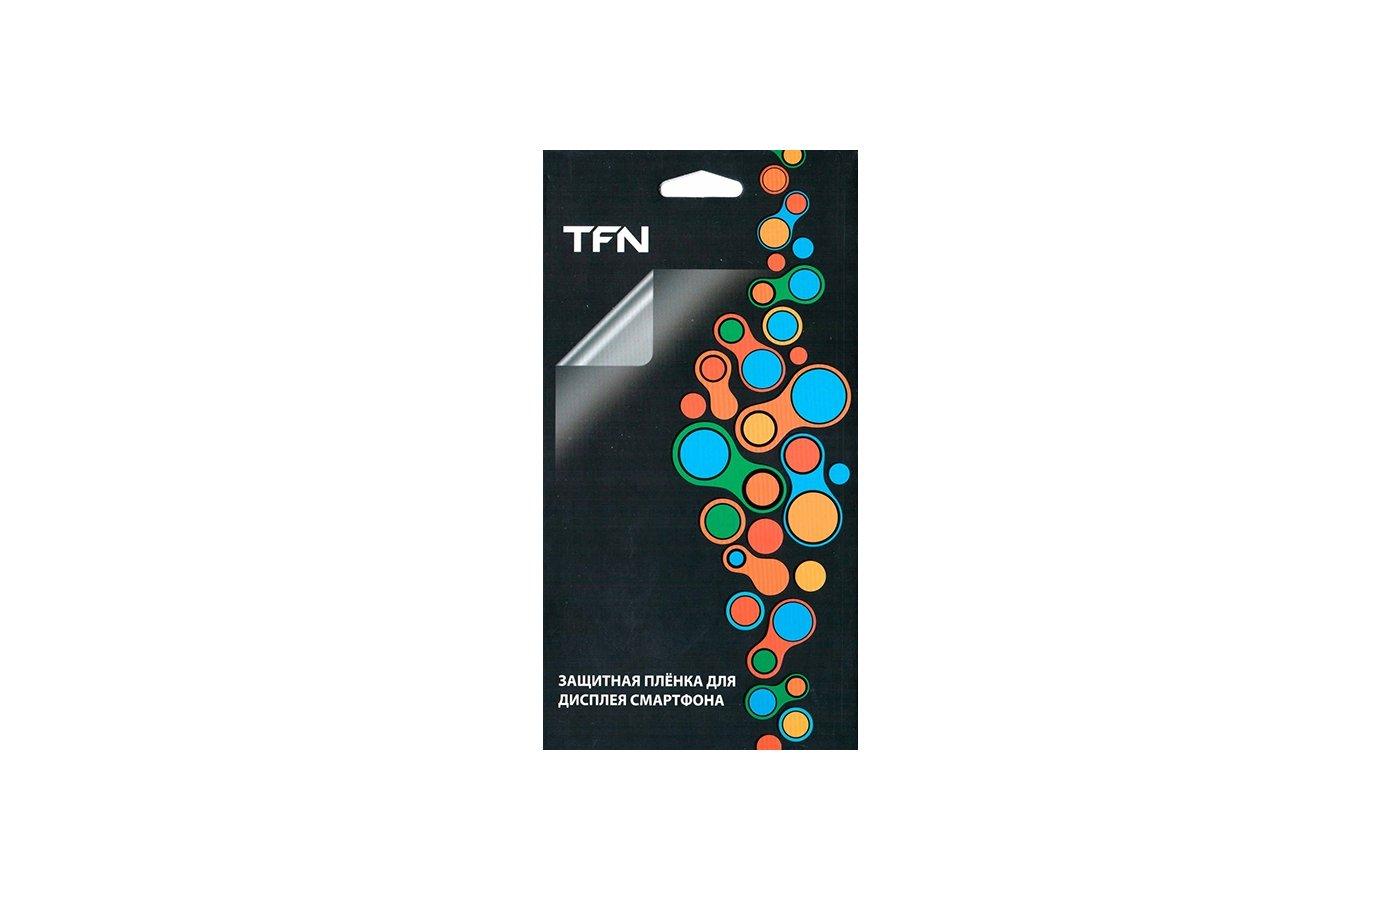 Стекло TFN пленка для ZTE Blade M прозрачная